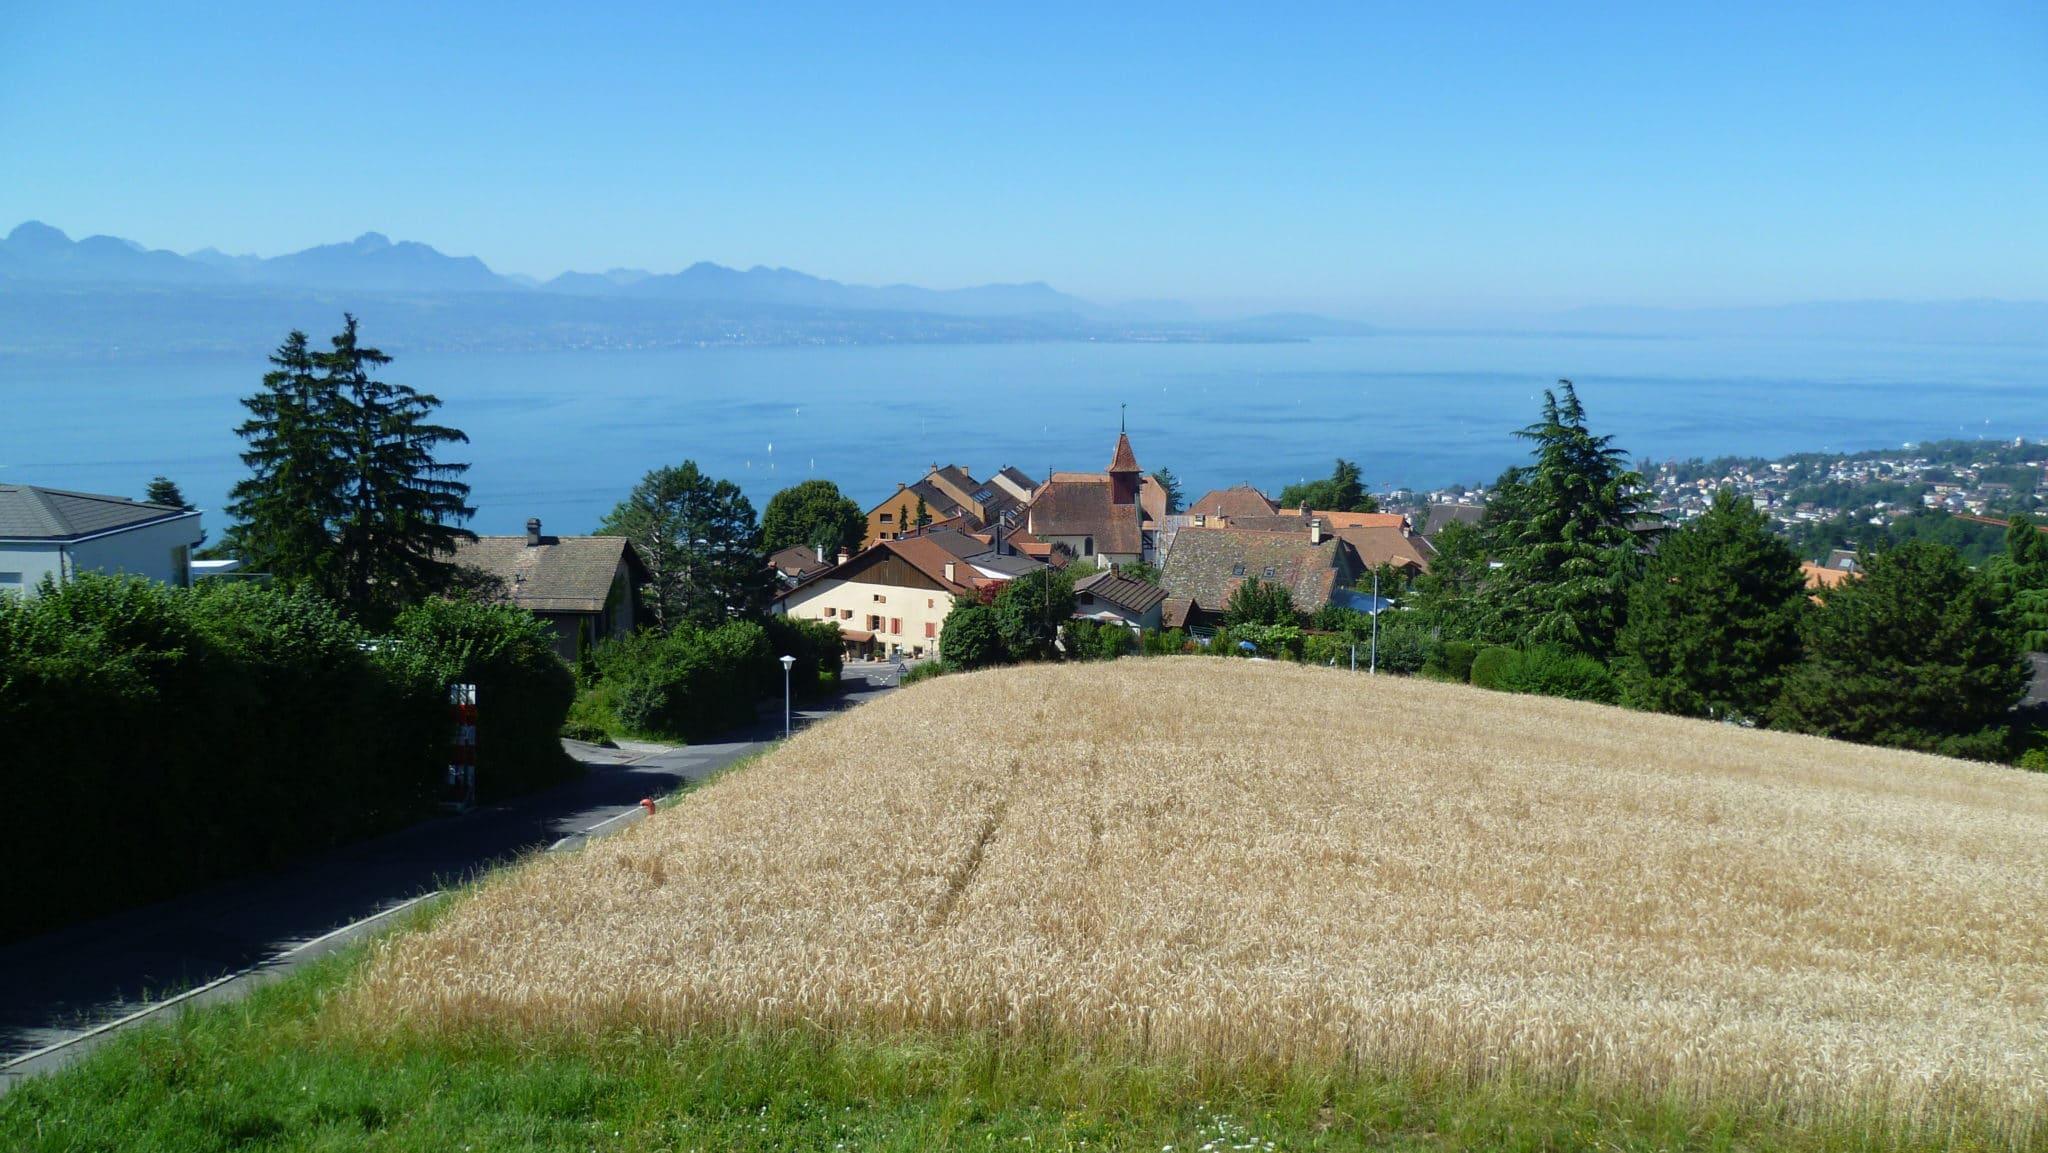 Belmont-sur-Lausanne